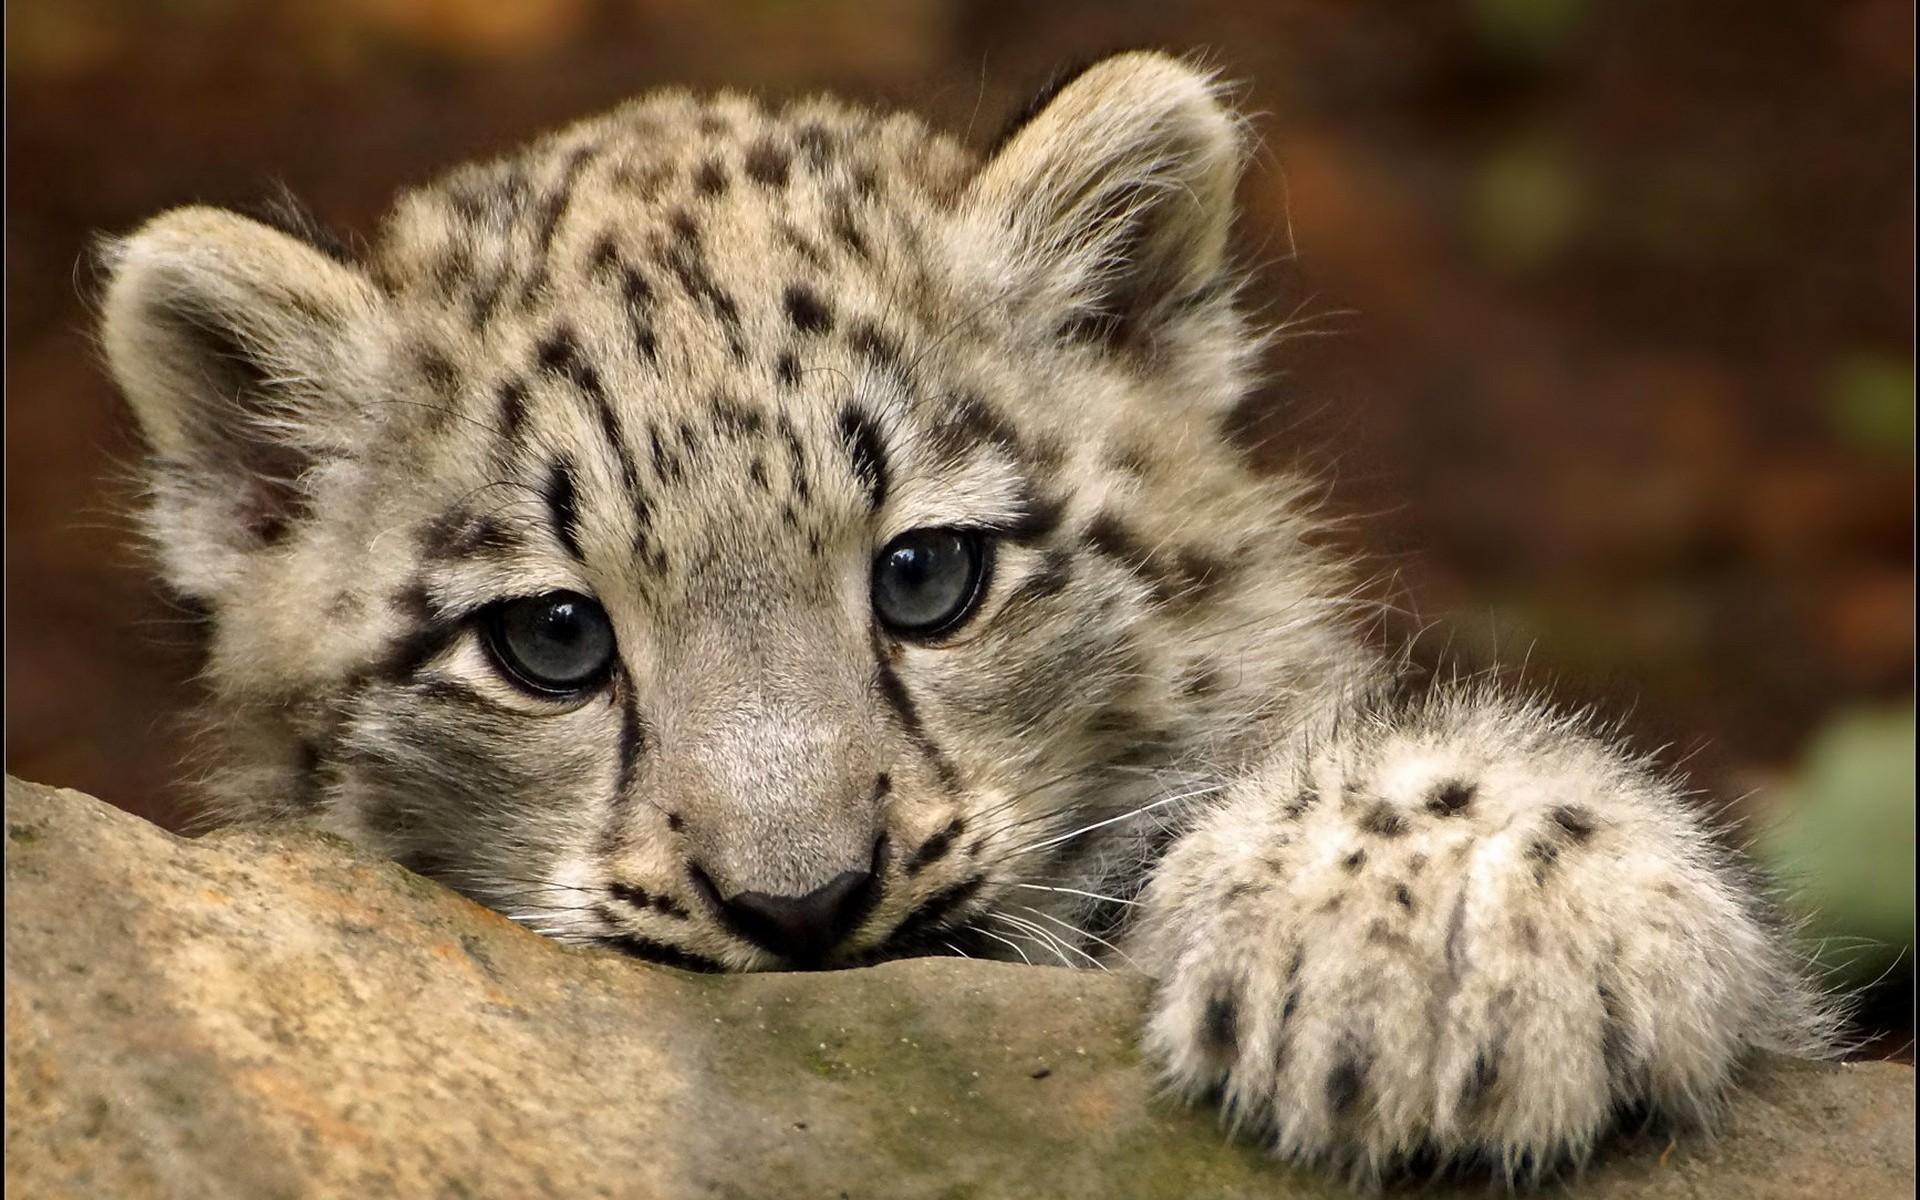 картинки на рабочий стол котята леопарда словам женщины, угрожают